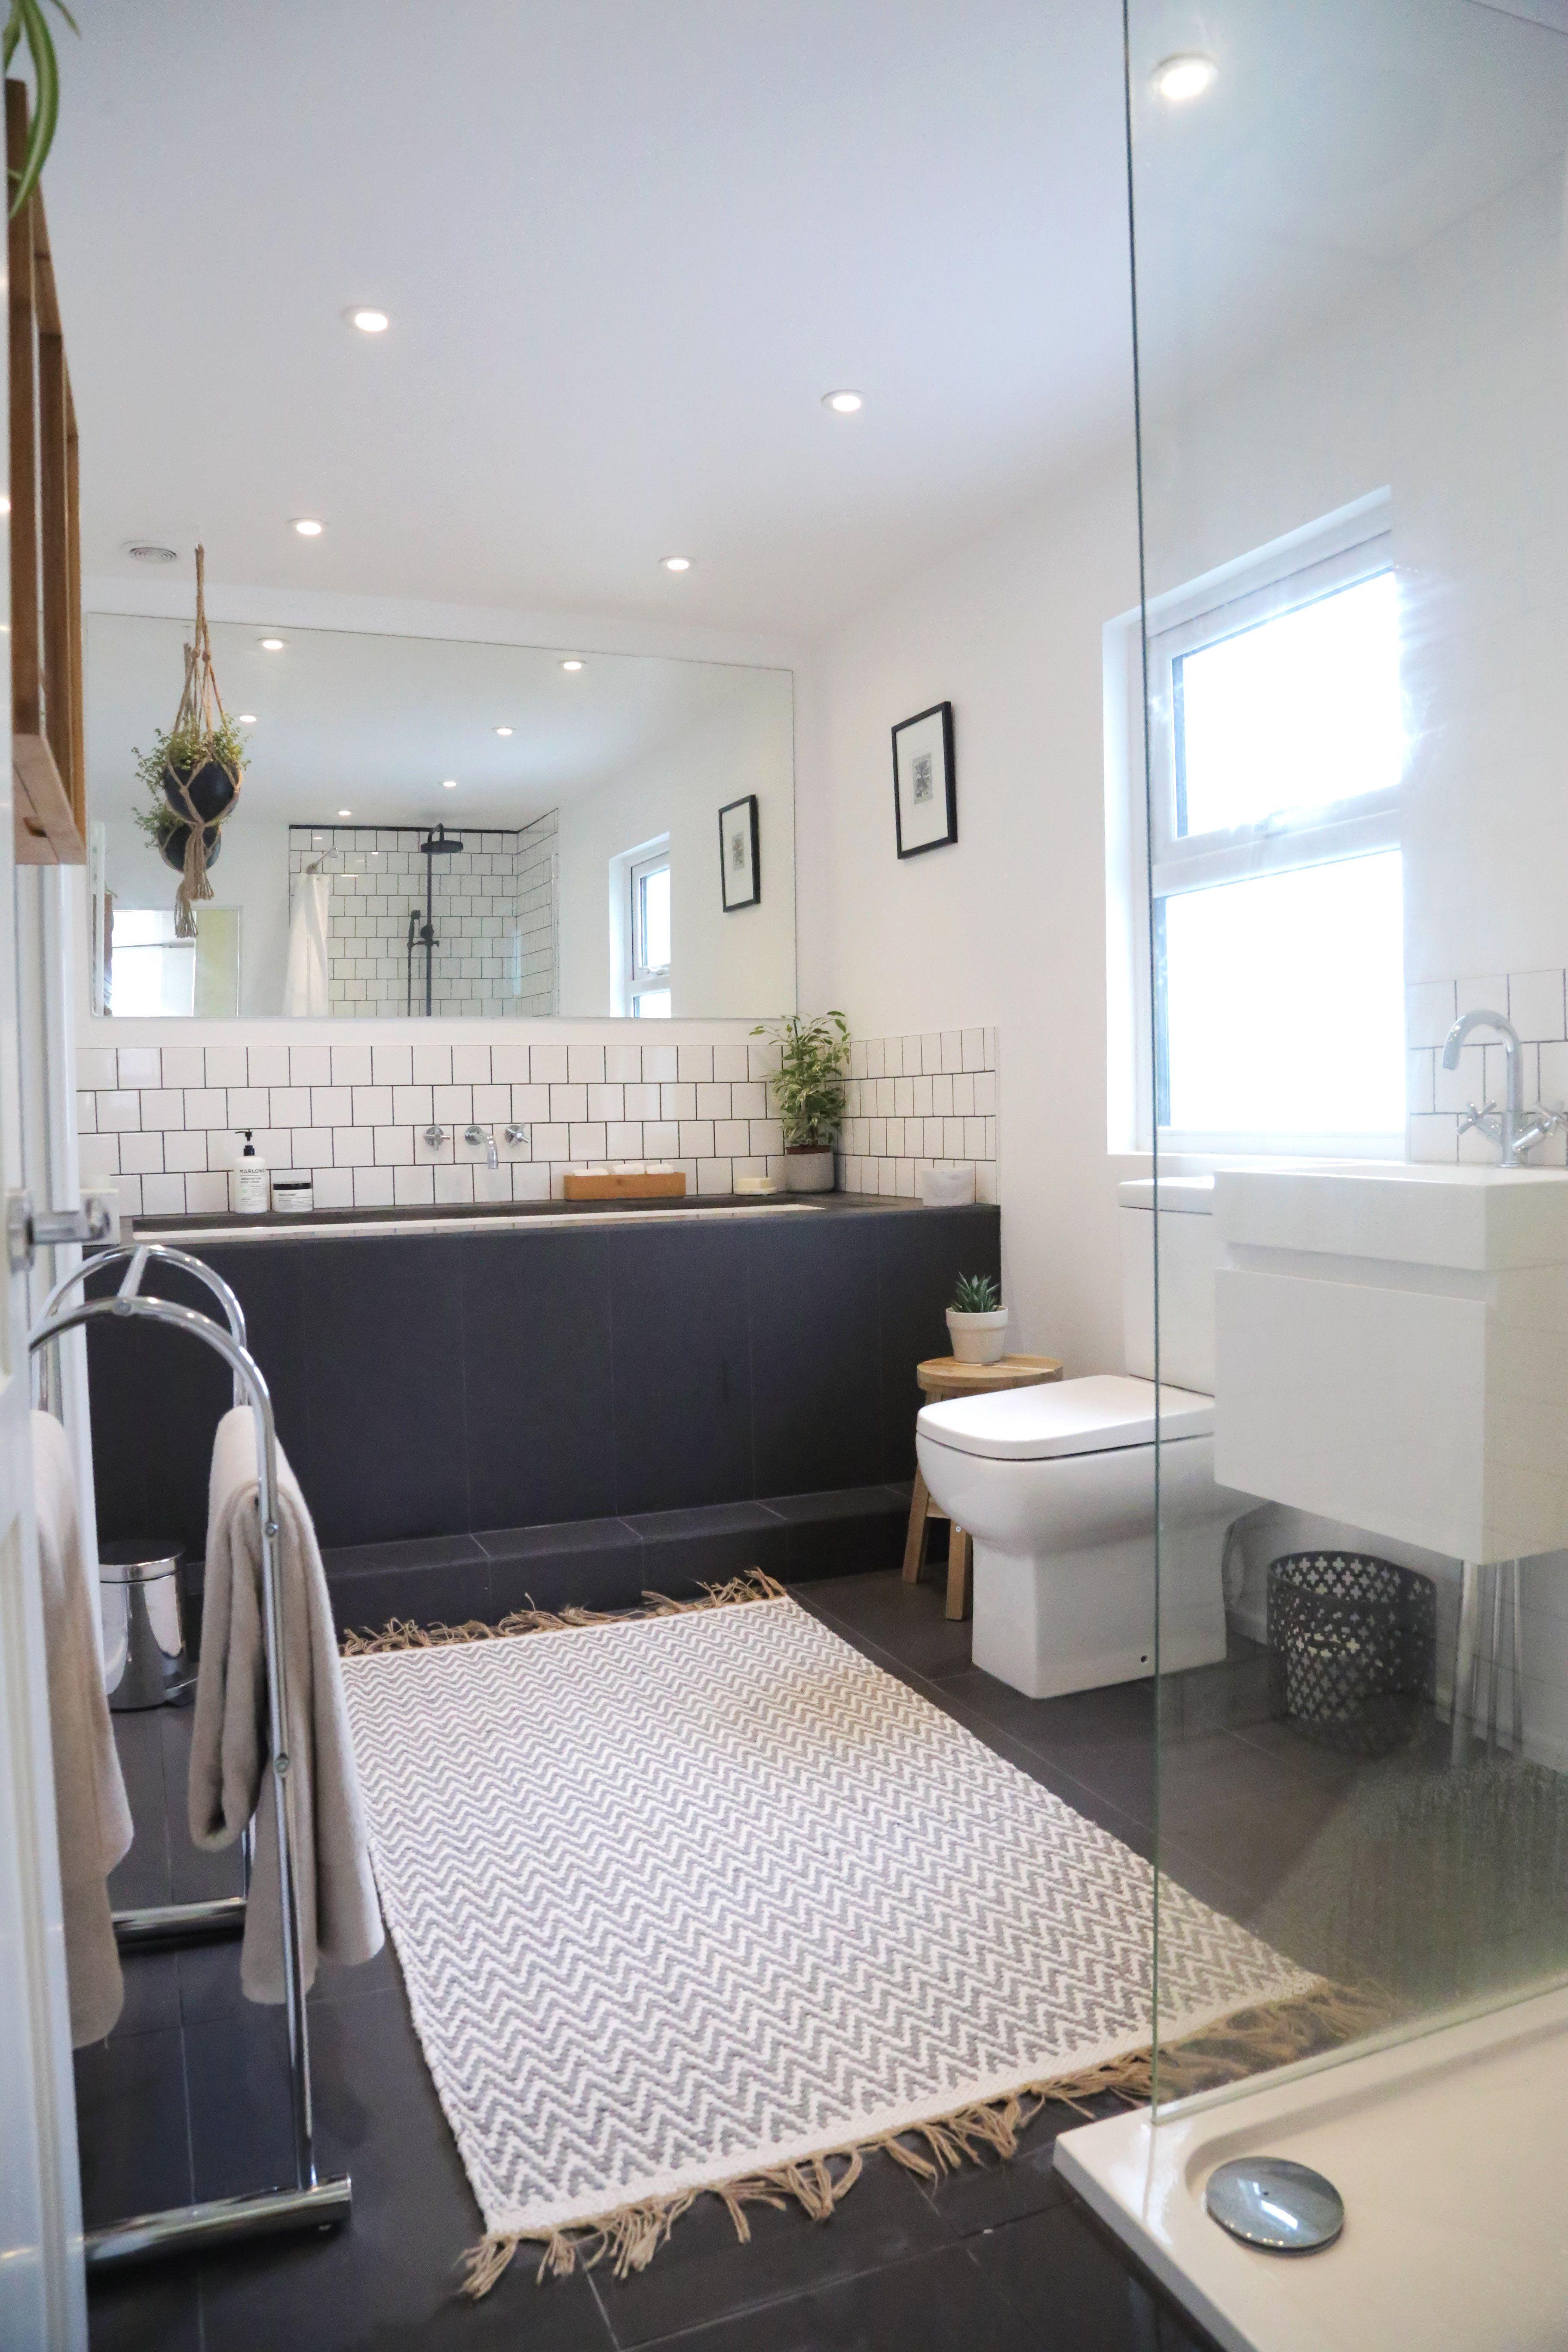 My New Bathroom Small White Square Tiles In Brickwork Pattern Dark Floor Tiles Doblo Tiles White Square Tiles Small Bathroom Colors Very Small Bathroom